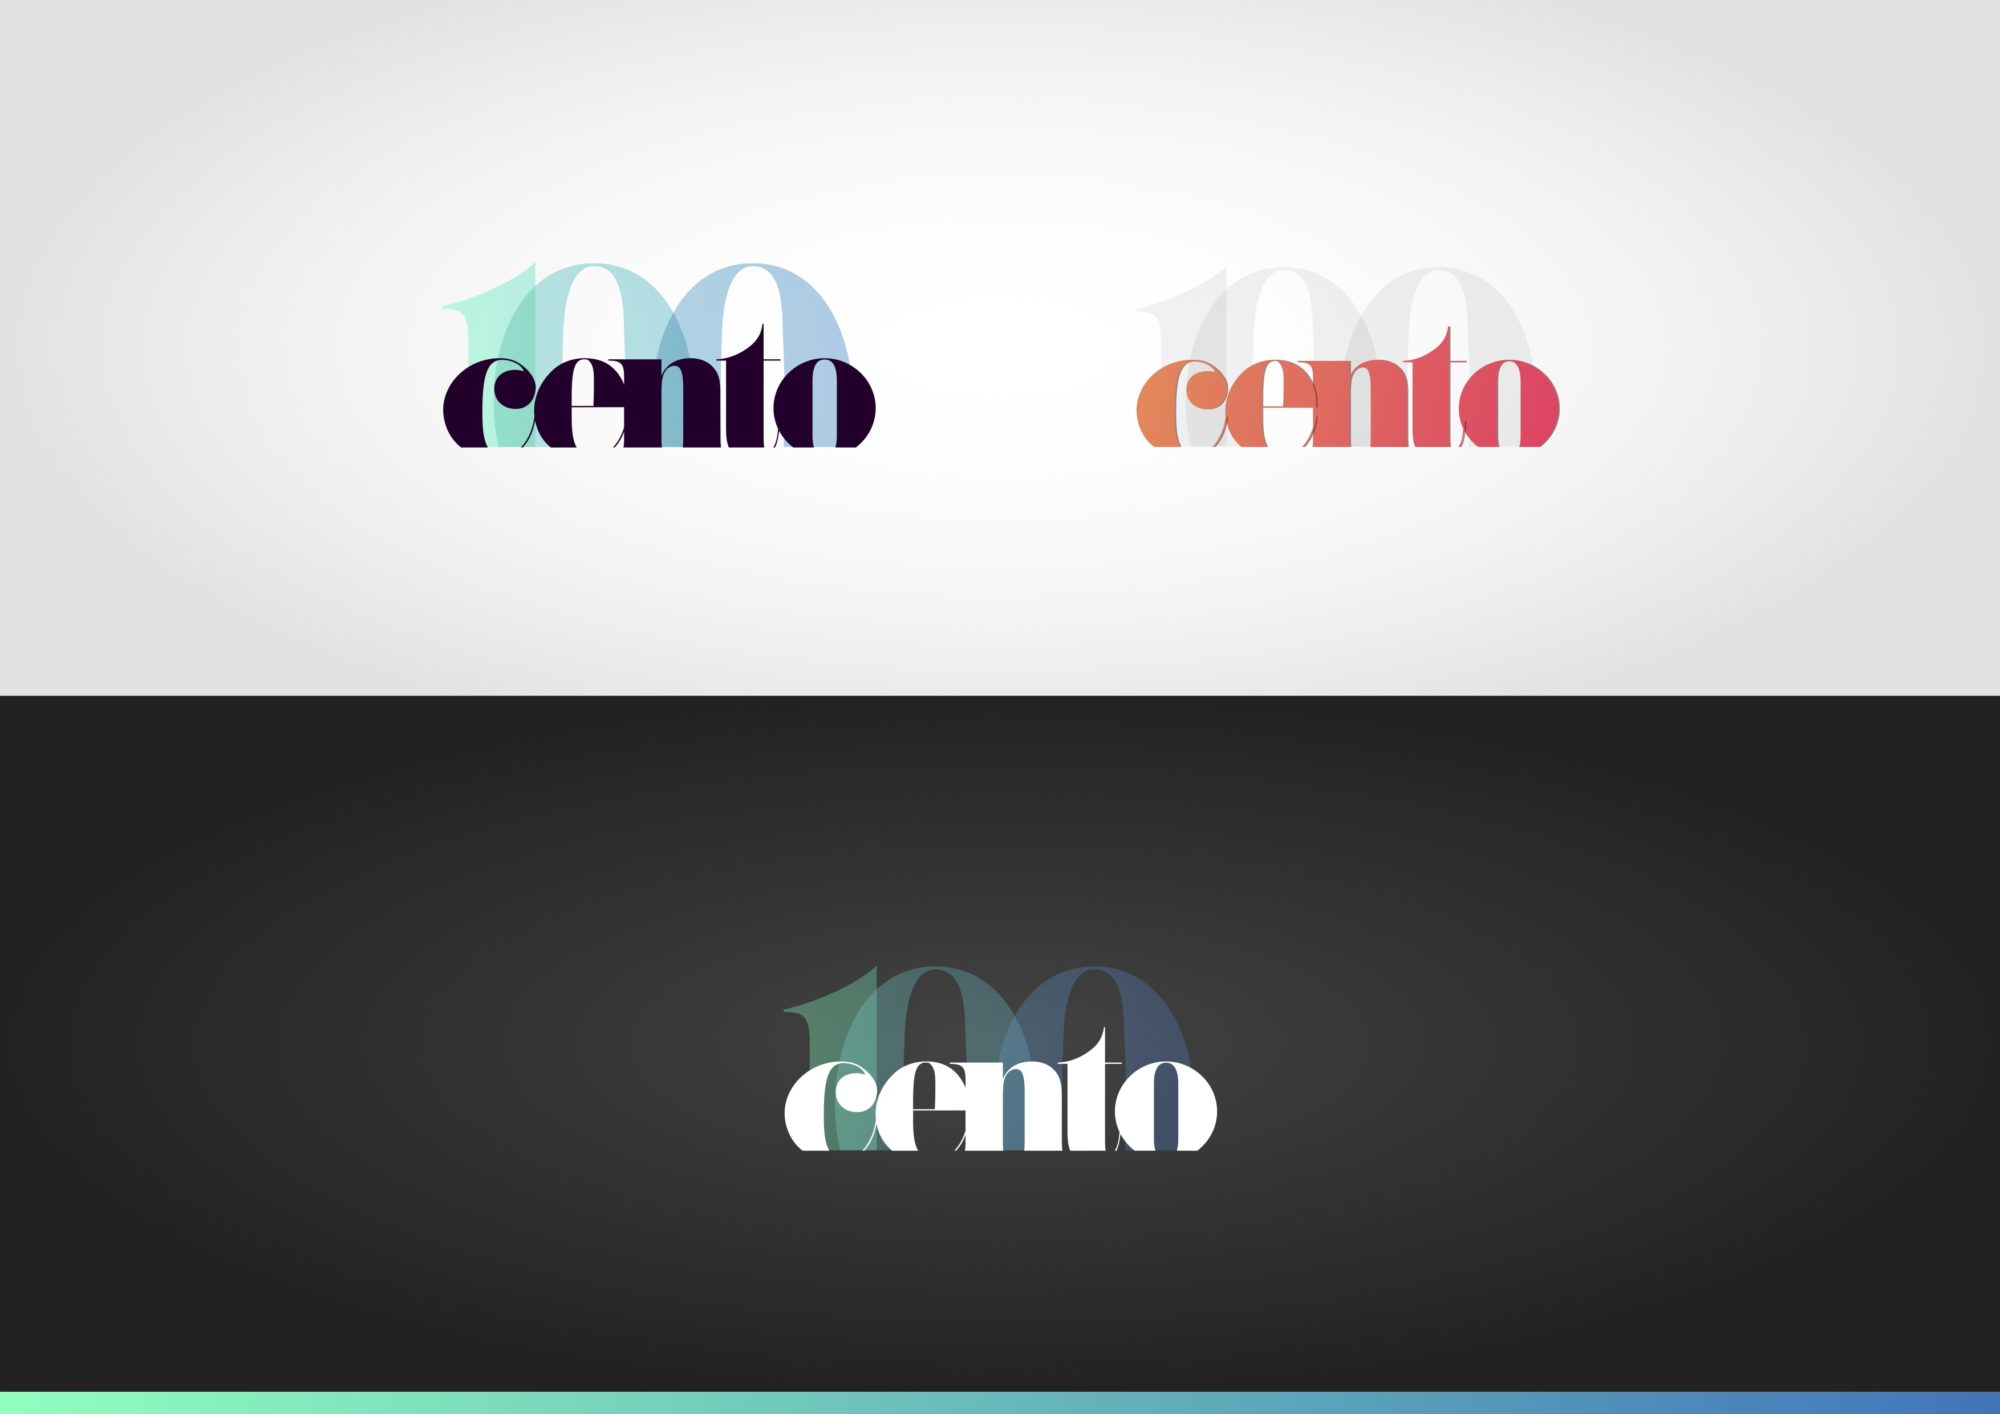 CentoX1009